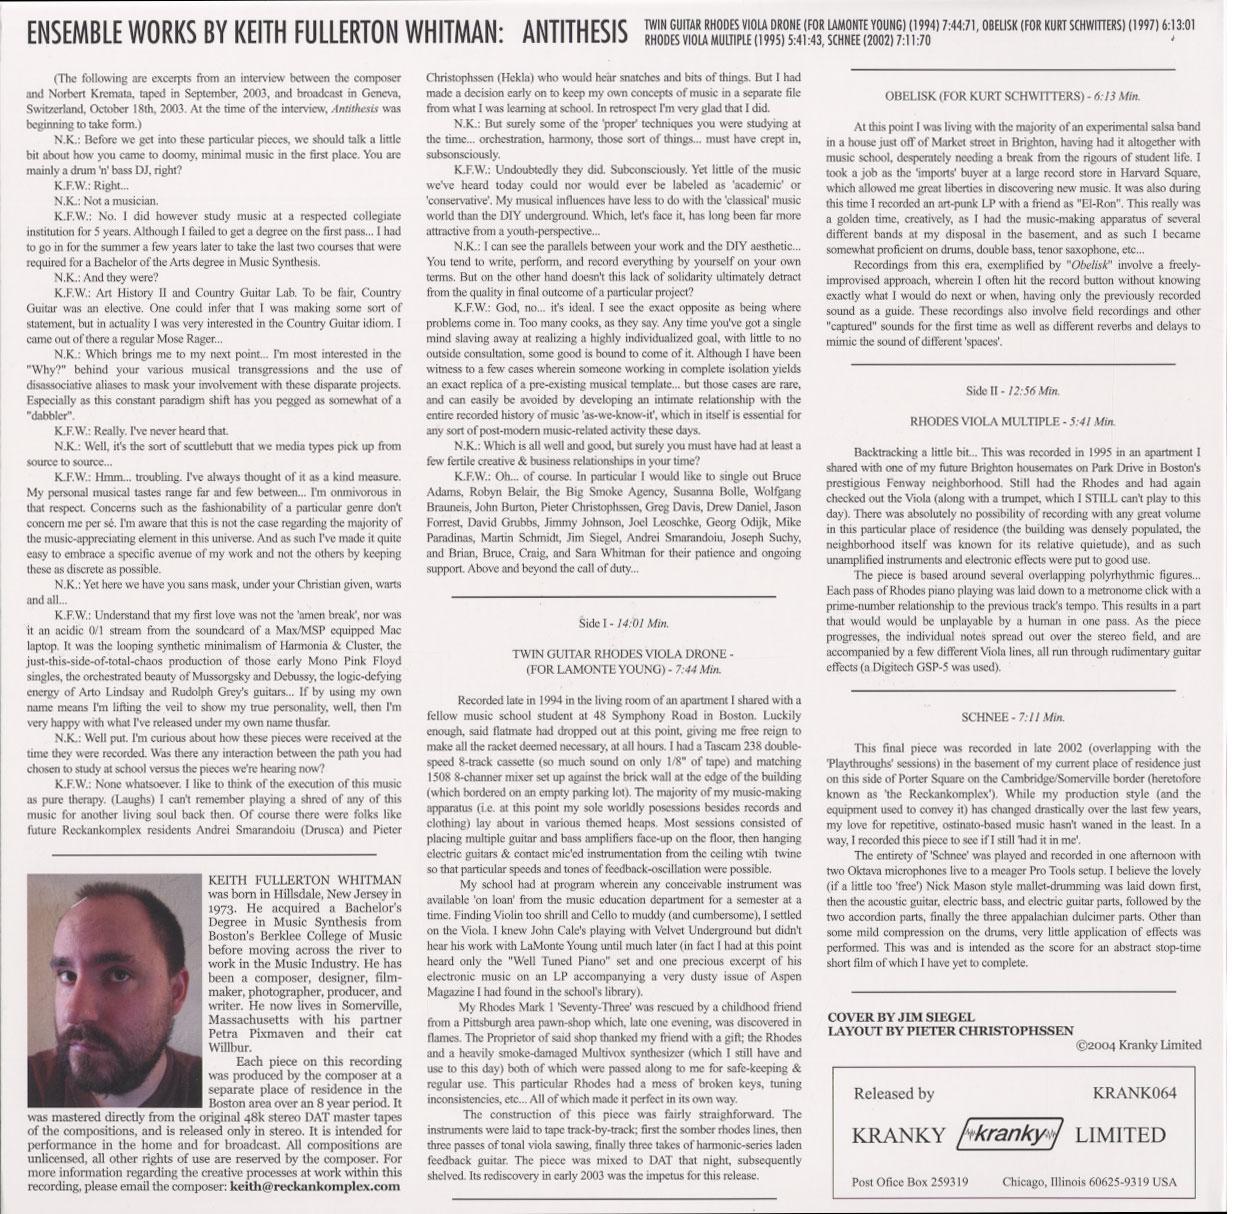 200404.krank064.b.jpg